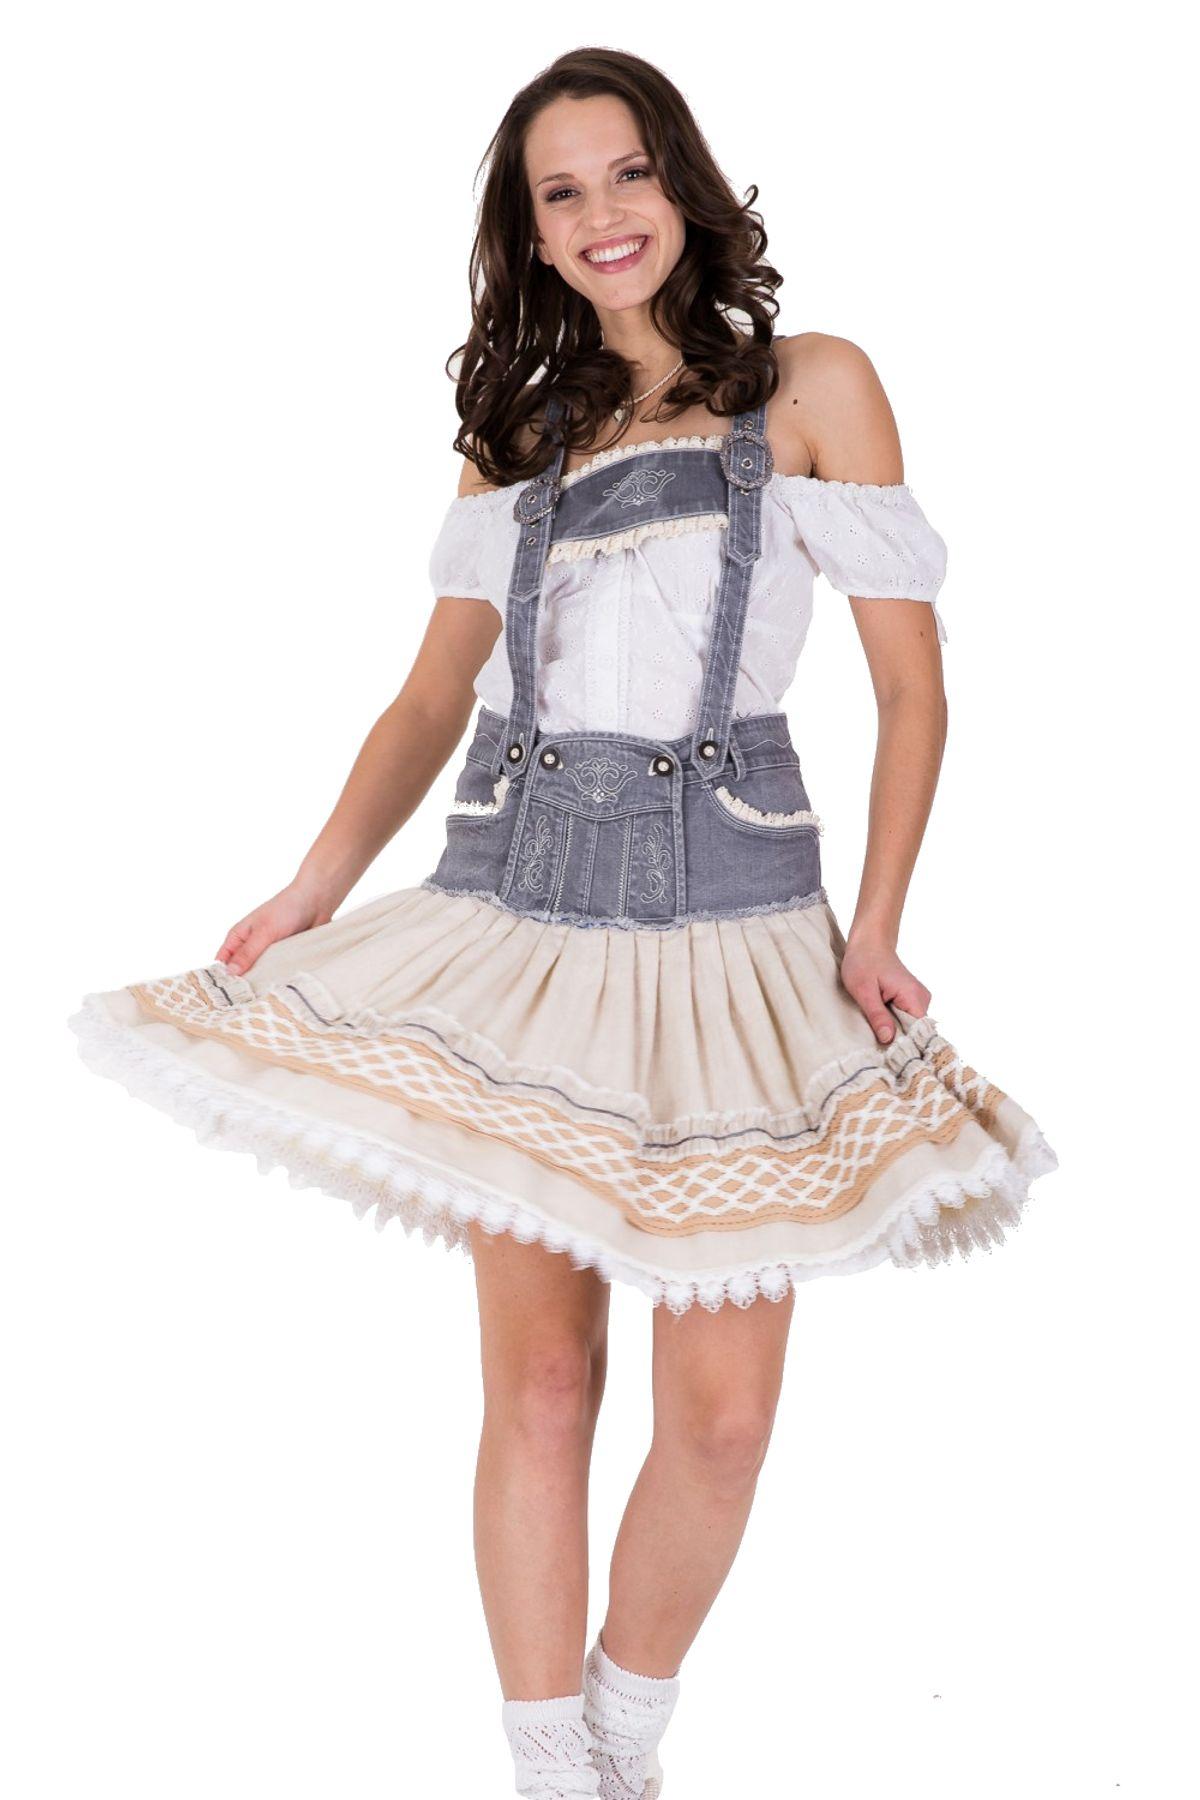 Krüger - Damen Trachtenrock mit Lederhosen Steg in Grau, Helene (Artikelnummer: 32335-15) – Bild 1